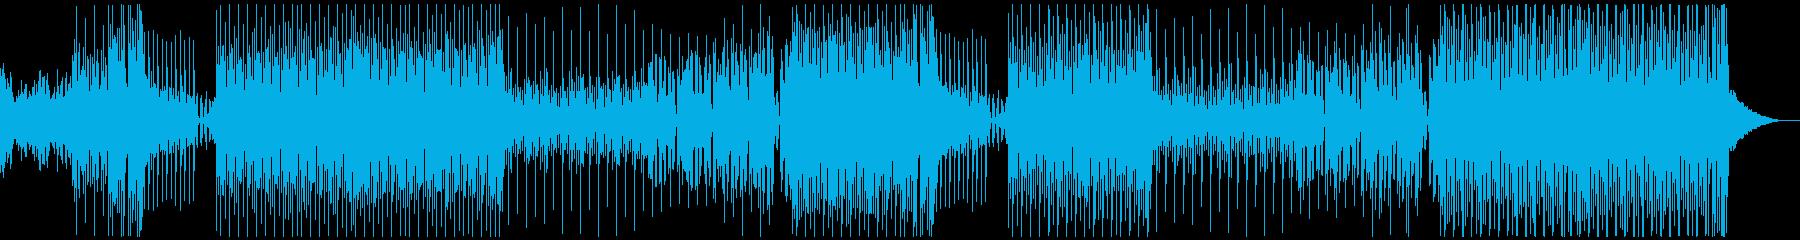 軽快なハウス曲の再生済みの波形